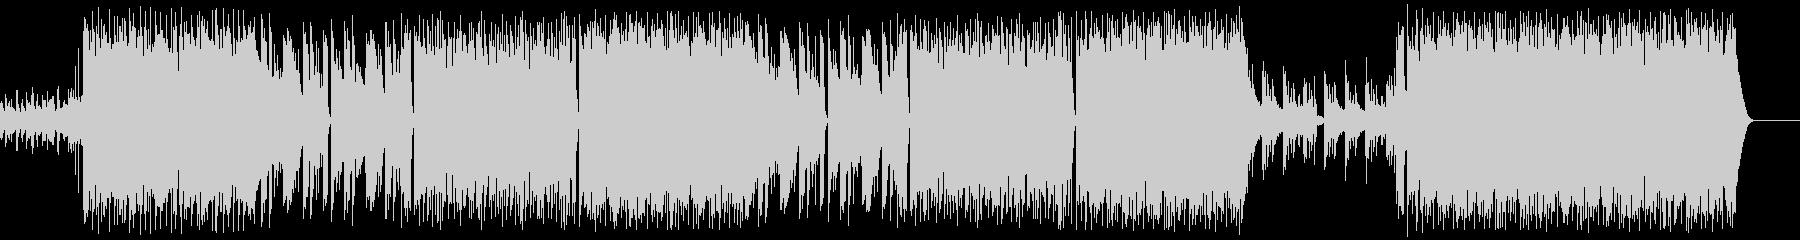 ギター/ストリングス/ヒップホップ/3の未再生の波形